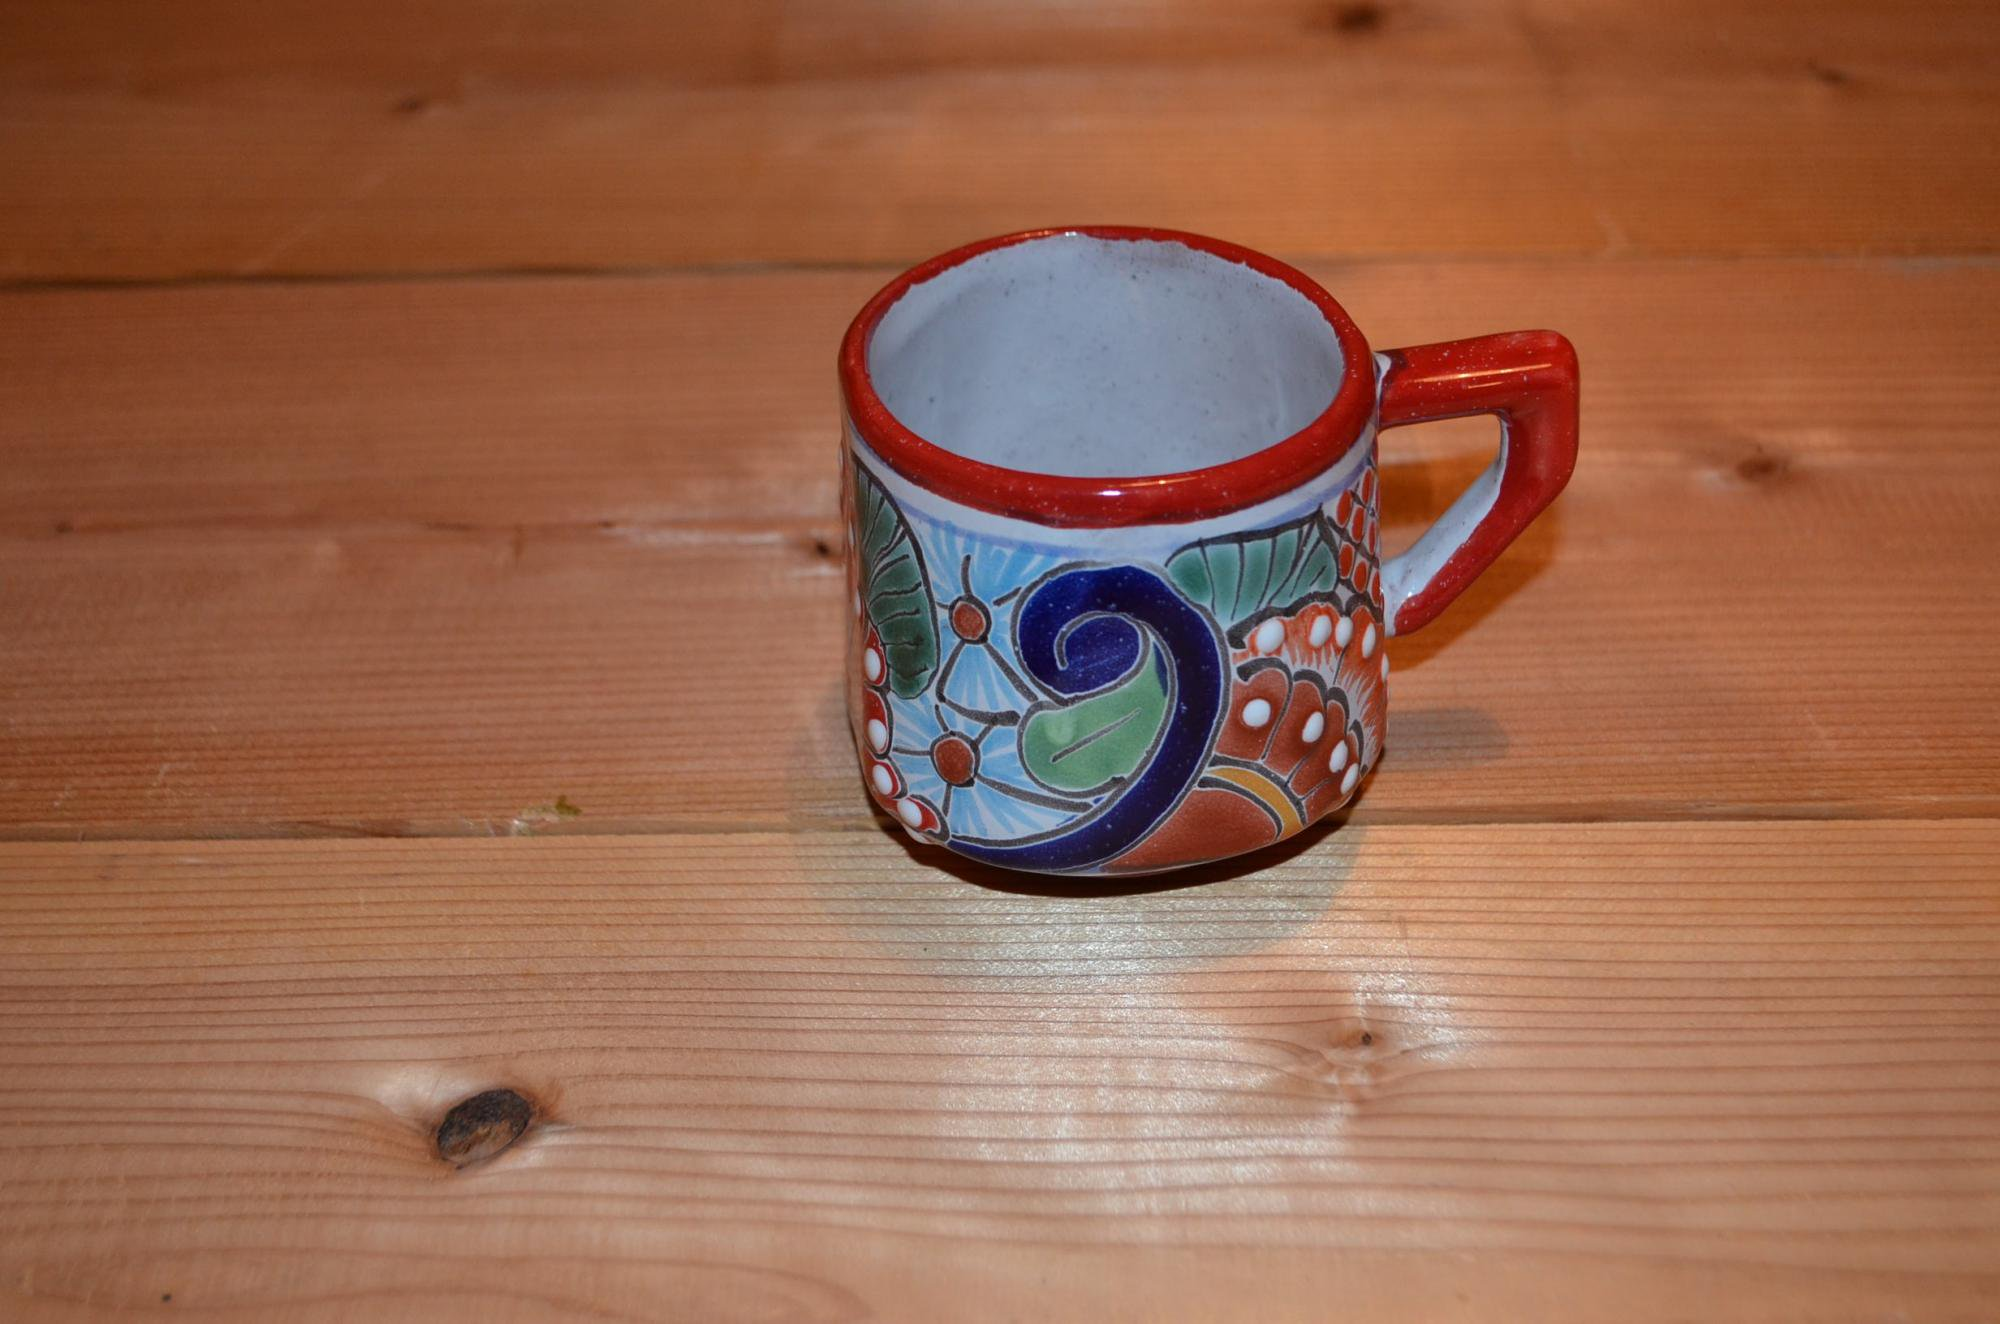 タラベラ焼 マグカップ レッド(グァナファト産)